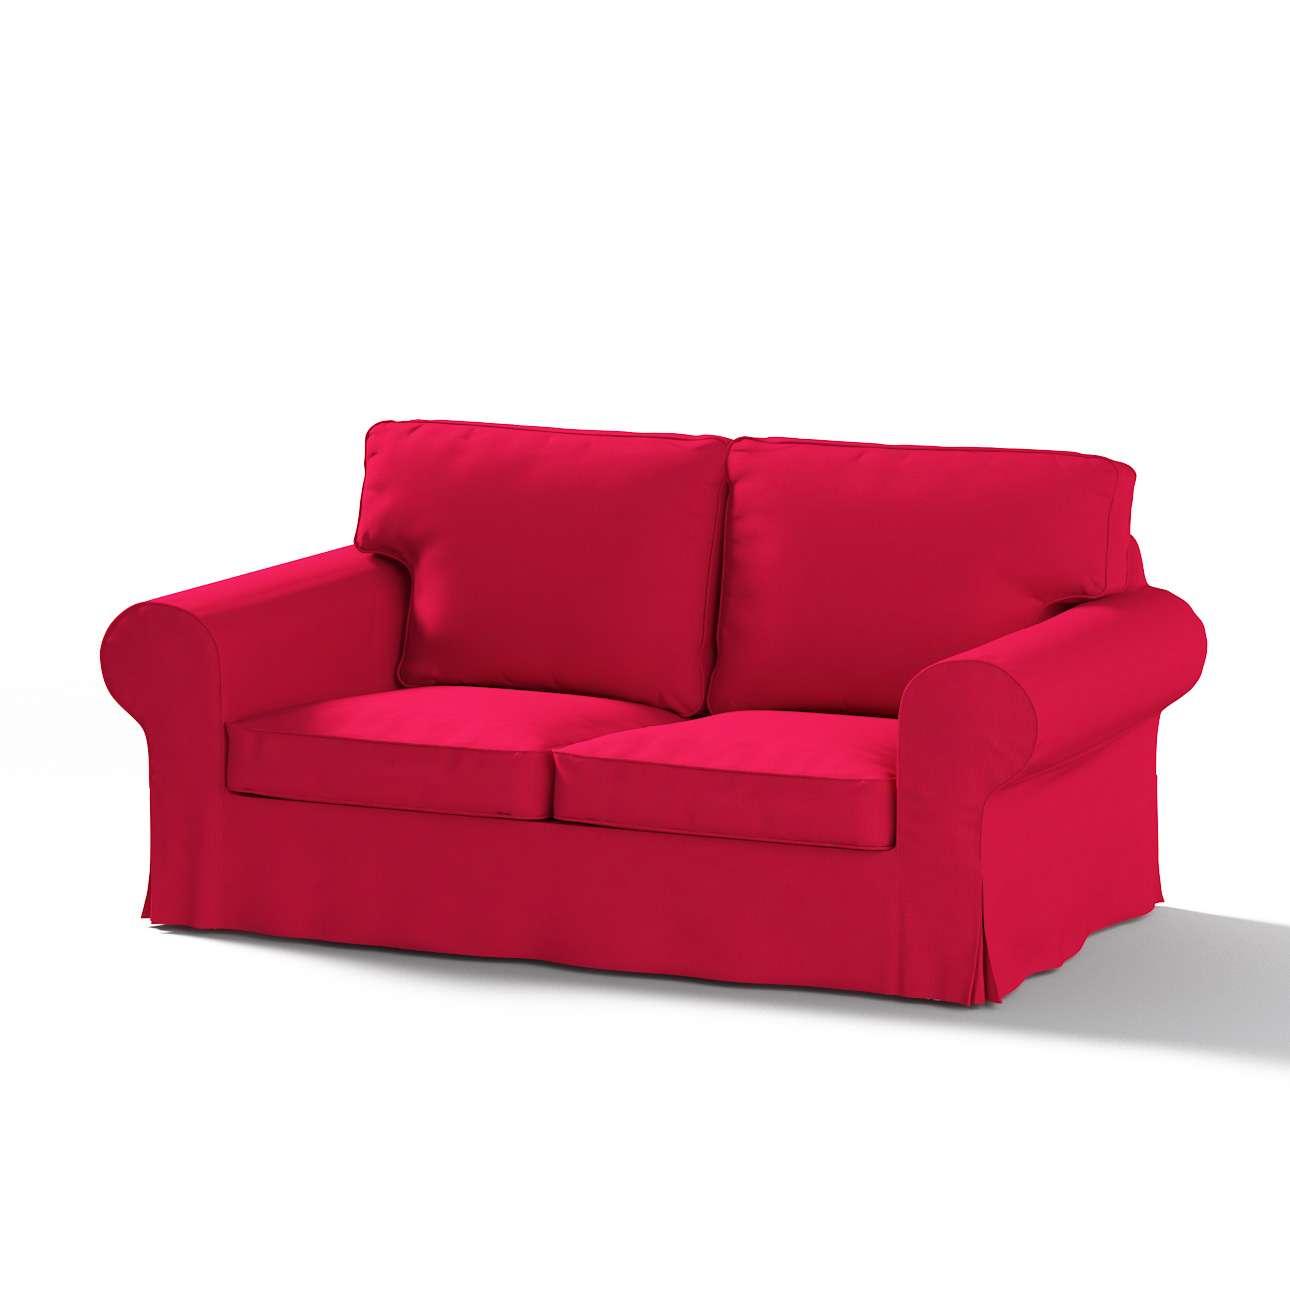 Potah na pohovku IKEA  Ektorp 2-místná, nerozkládací pohovka Ektorp 2-místná v kolekci Etna, látka: 705-60